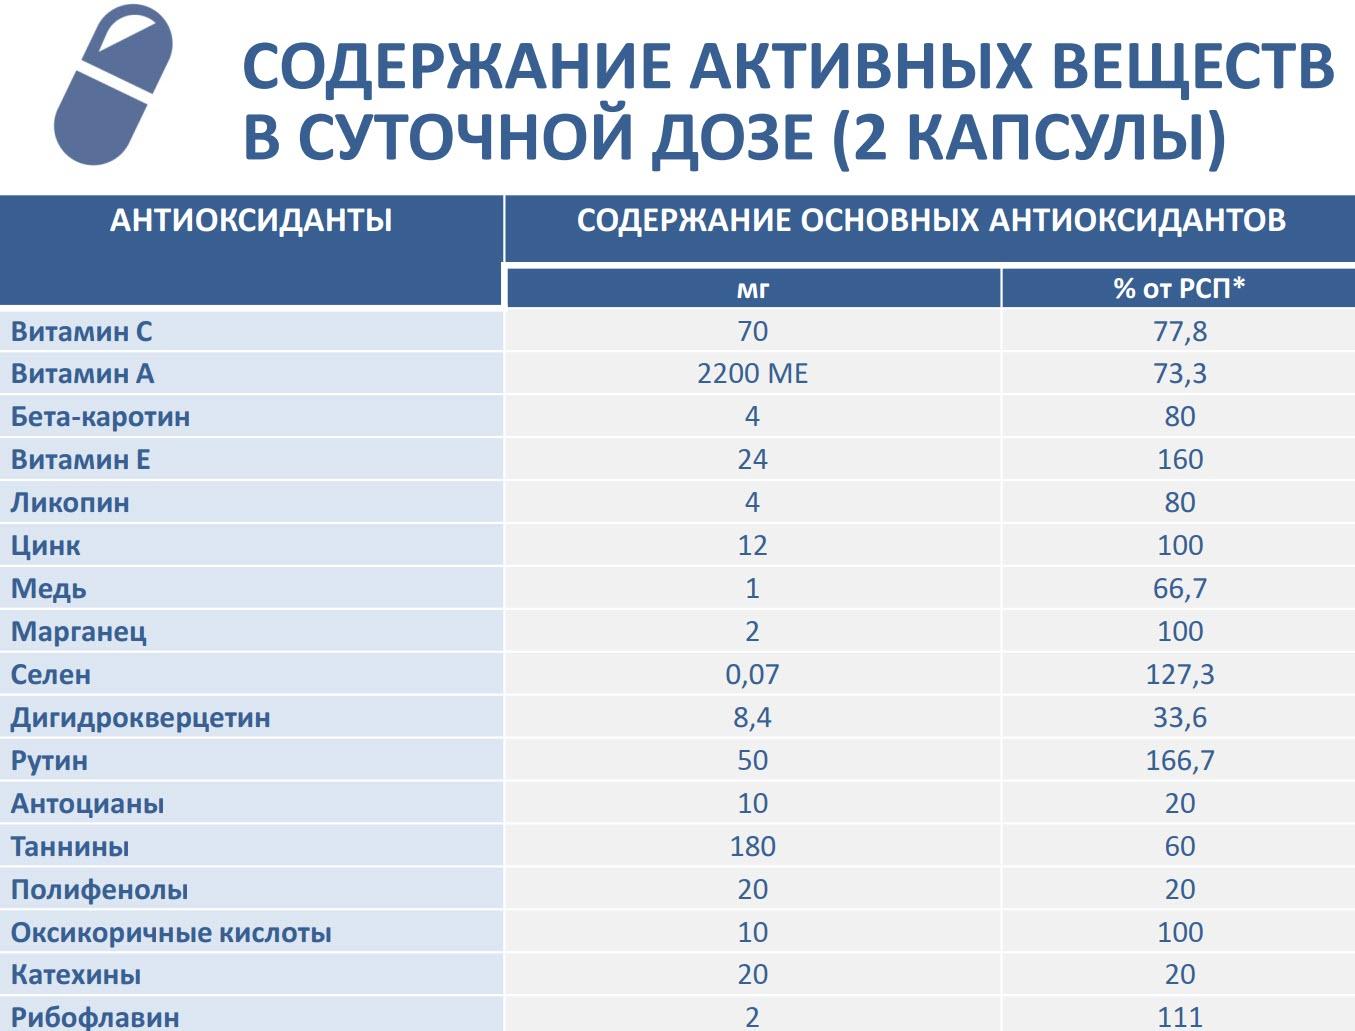 Sostav Bad Antioksidanty Formula 3 Sibirskoe Zdorove 700